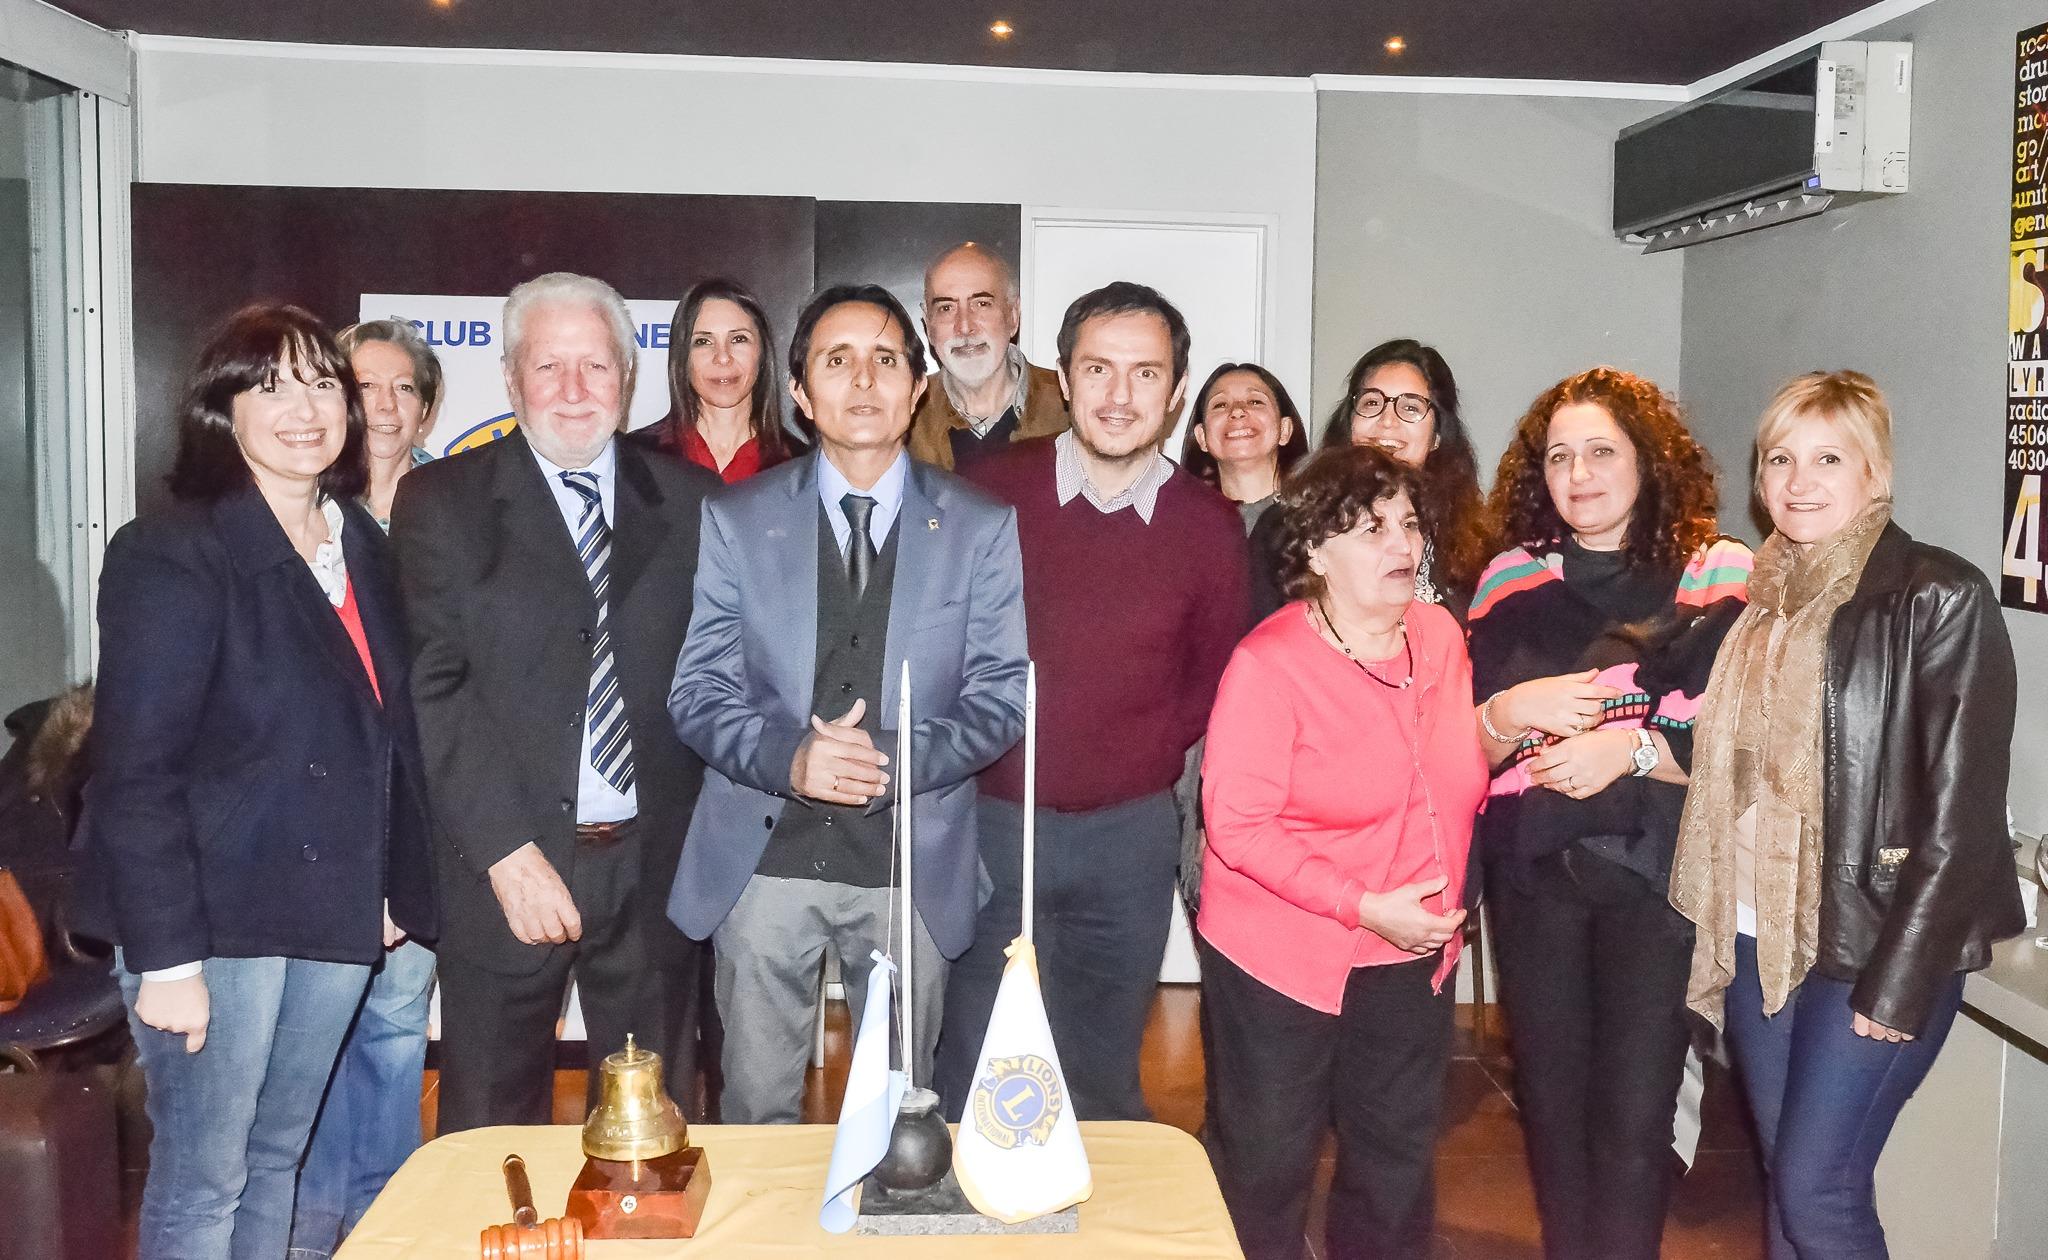 ASUNCION NUEVAS AUTORIDADES CLUB DE LEONES CAMPANA NORTE